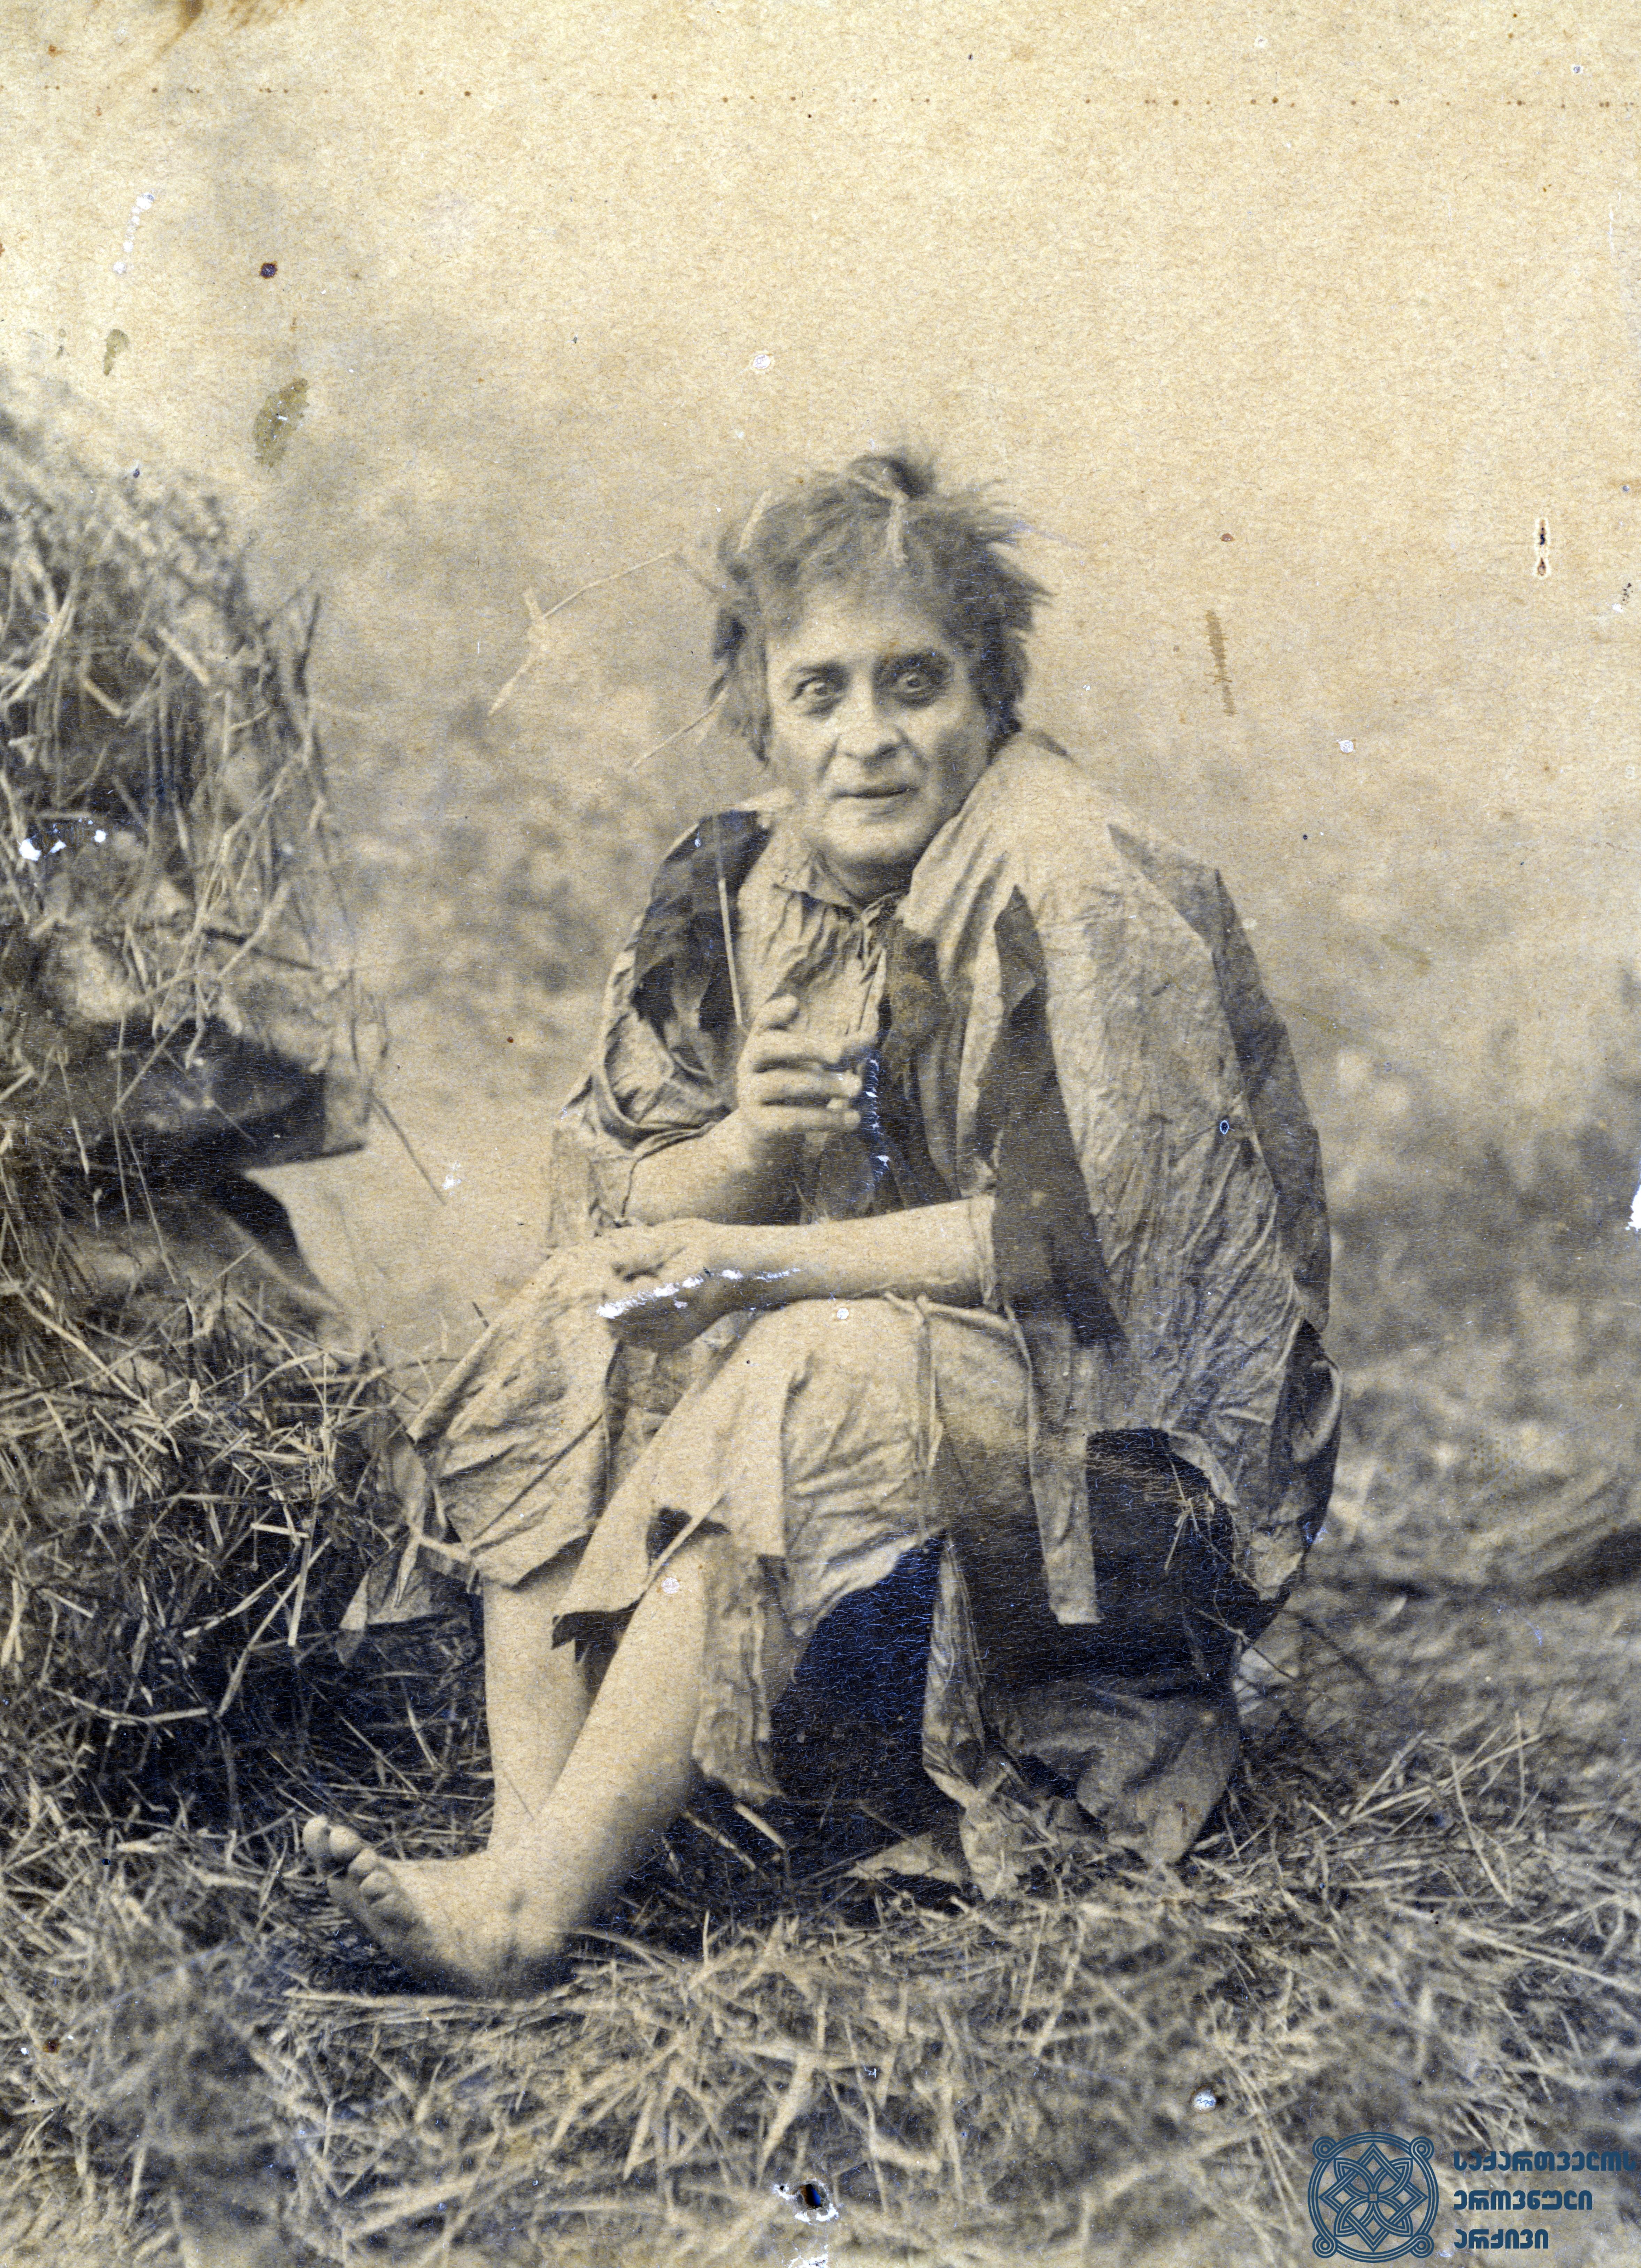 """სპექტაკლი """"მეფე ლირი"""". მსახიობი ლადო მესხიშვილი როლში. <br>  აბრამ ნორდშტეინის ფოტო, 1890-1896 წლები. <br> The performance """"King Lear"""". Actor Lado Meskhishvili in the role. <br> Photo by Abram Nordstein, 1890-1896."""